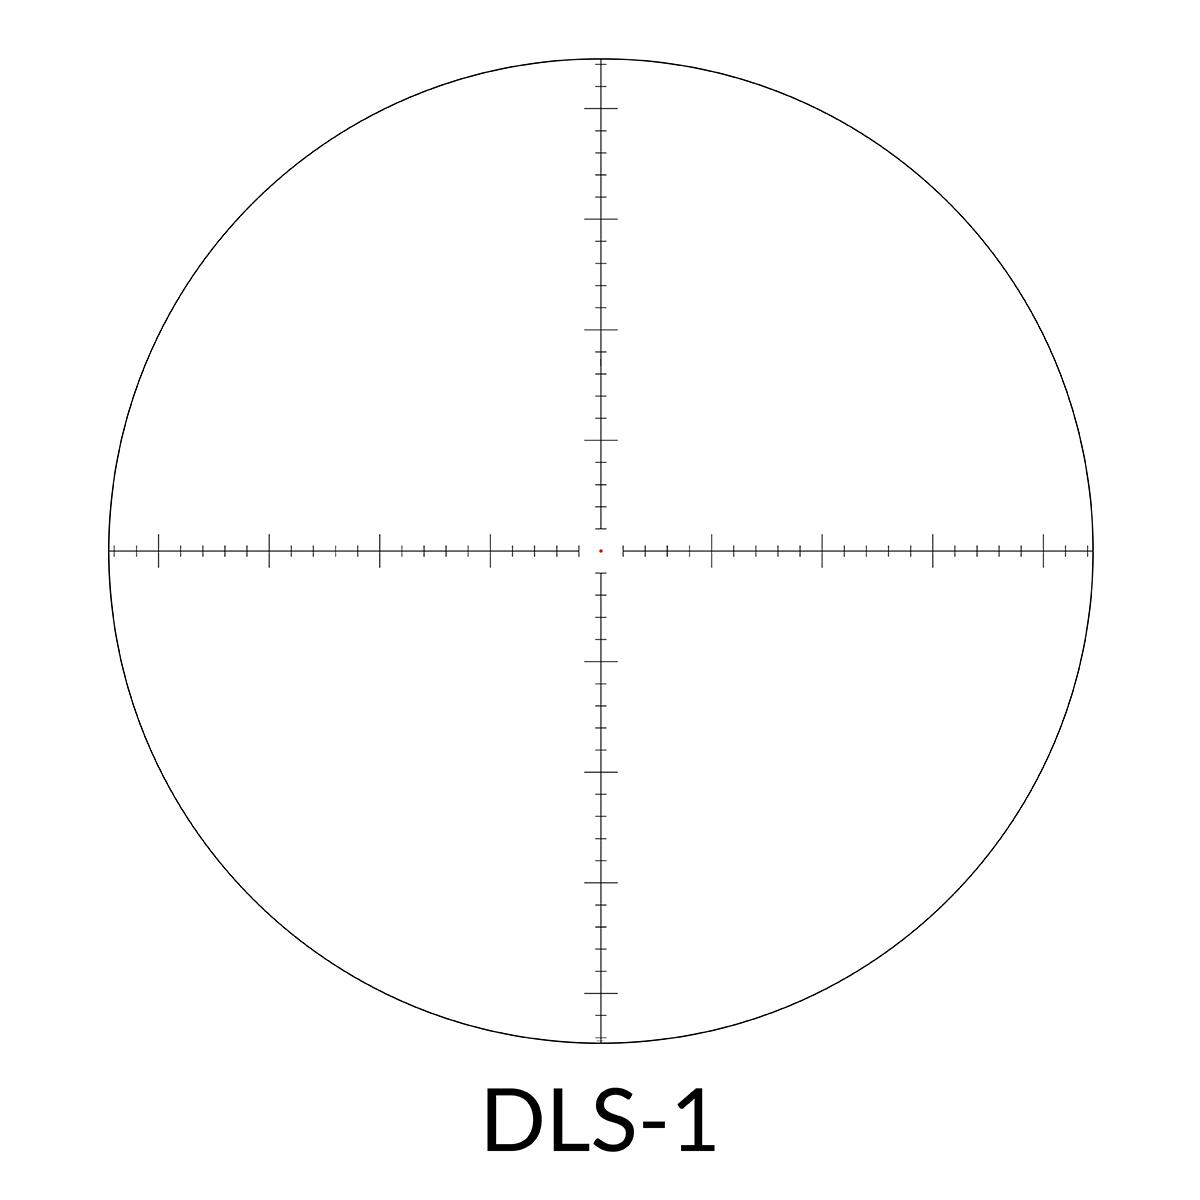 DLS-1